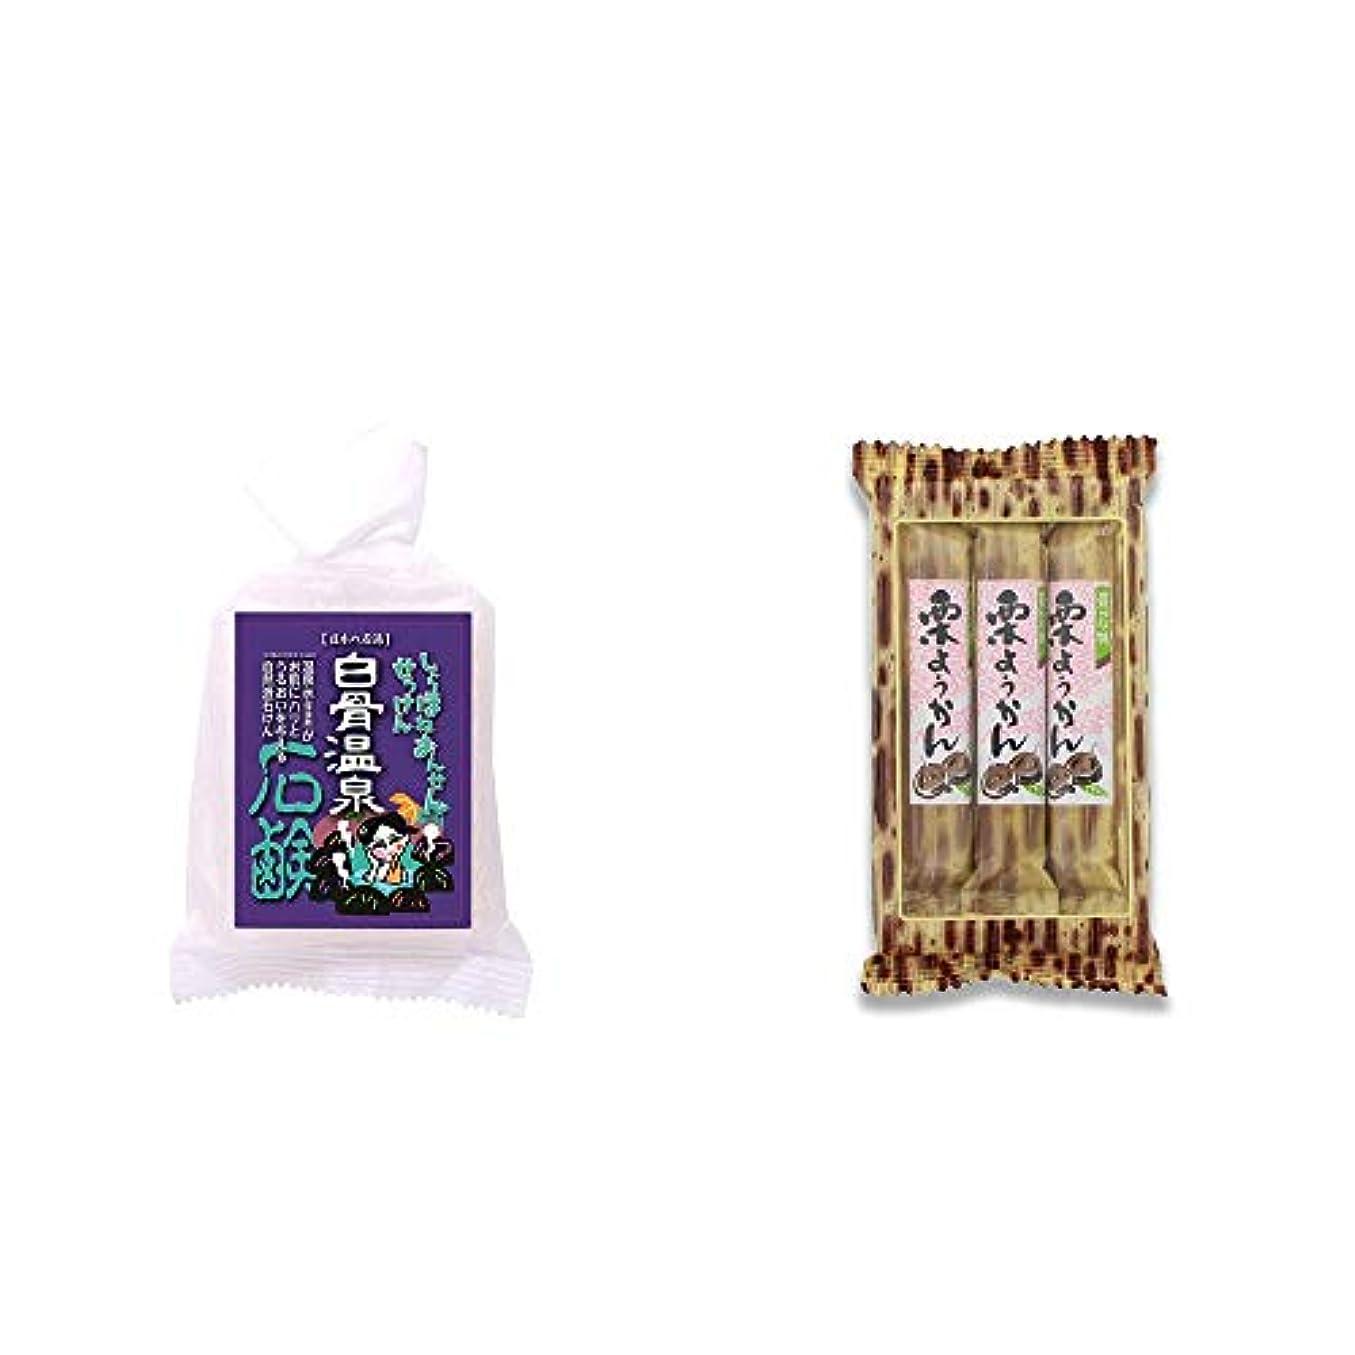 仮定する煙公平[2点セット] 信州 白骨温泉石鹸(80g)?スティックようかん[栗](50g×3本)